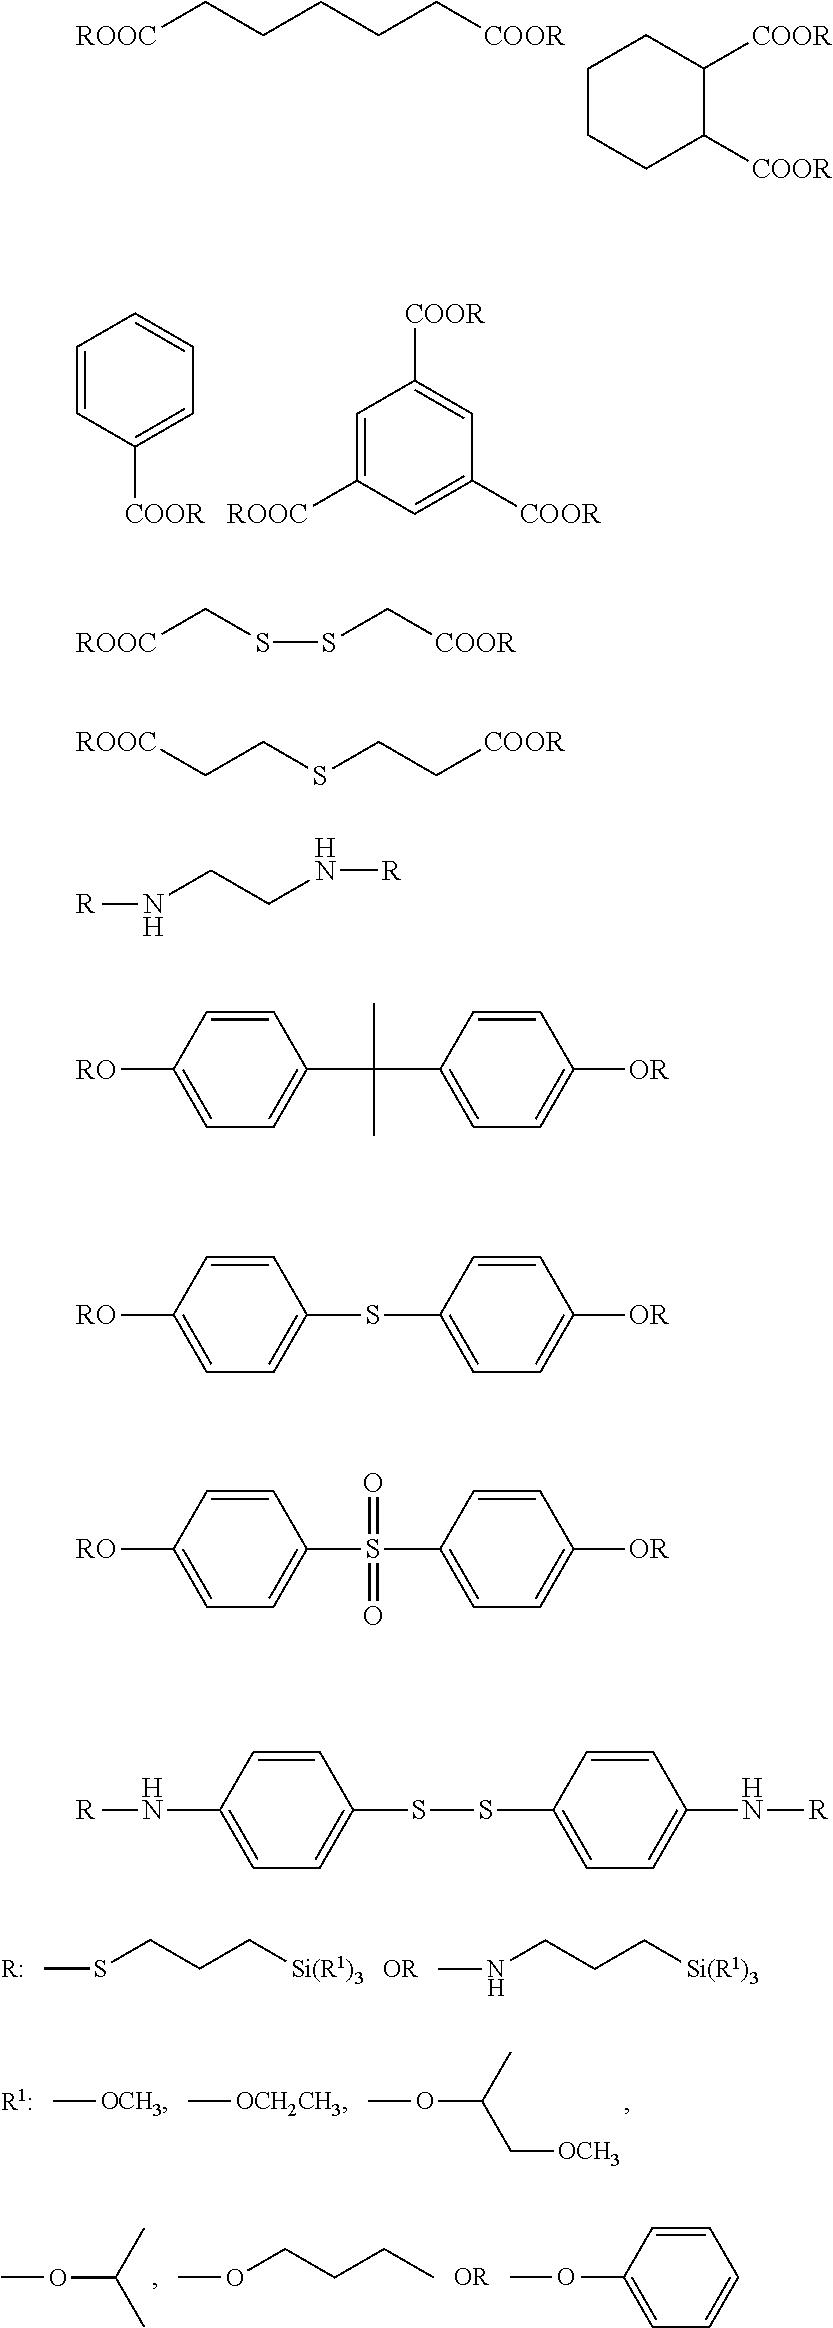 Figure US20110293897A1-20111201-C00006